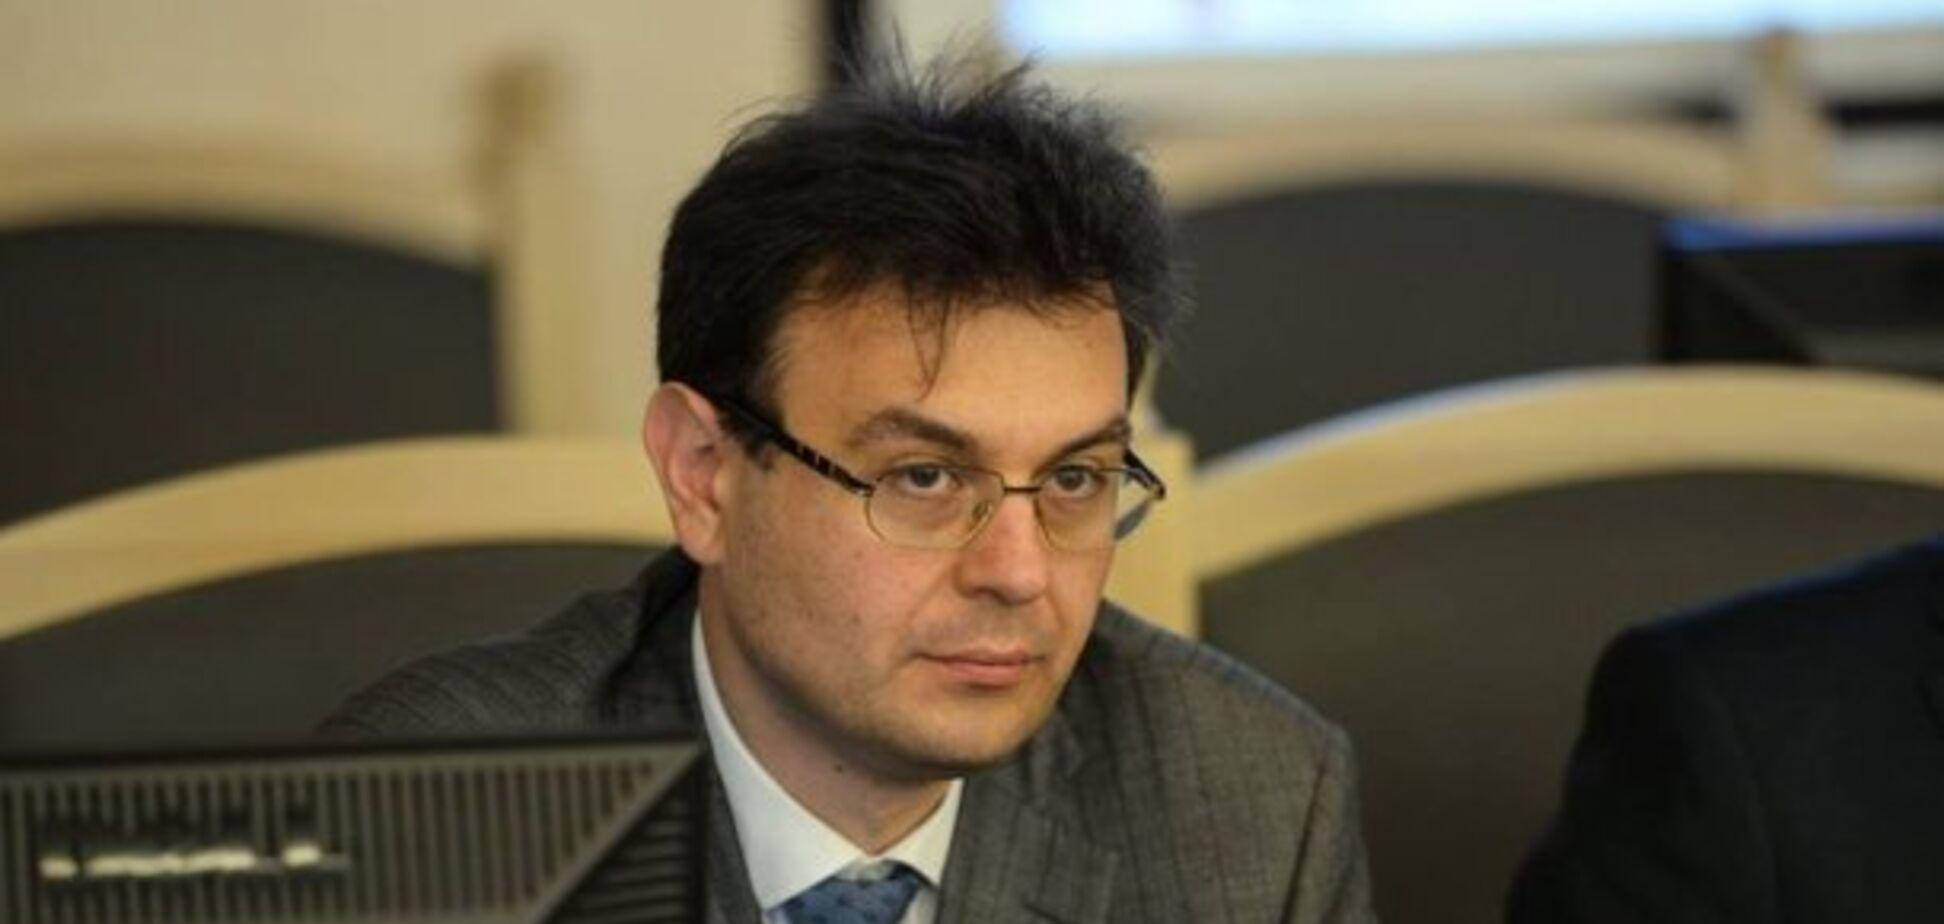 Голова фінансового комітету Ради Гетманцев був помічником Сівковича — розслідування